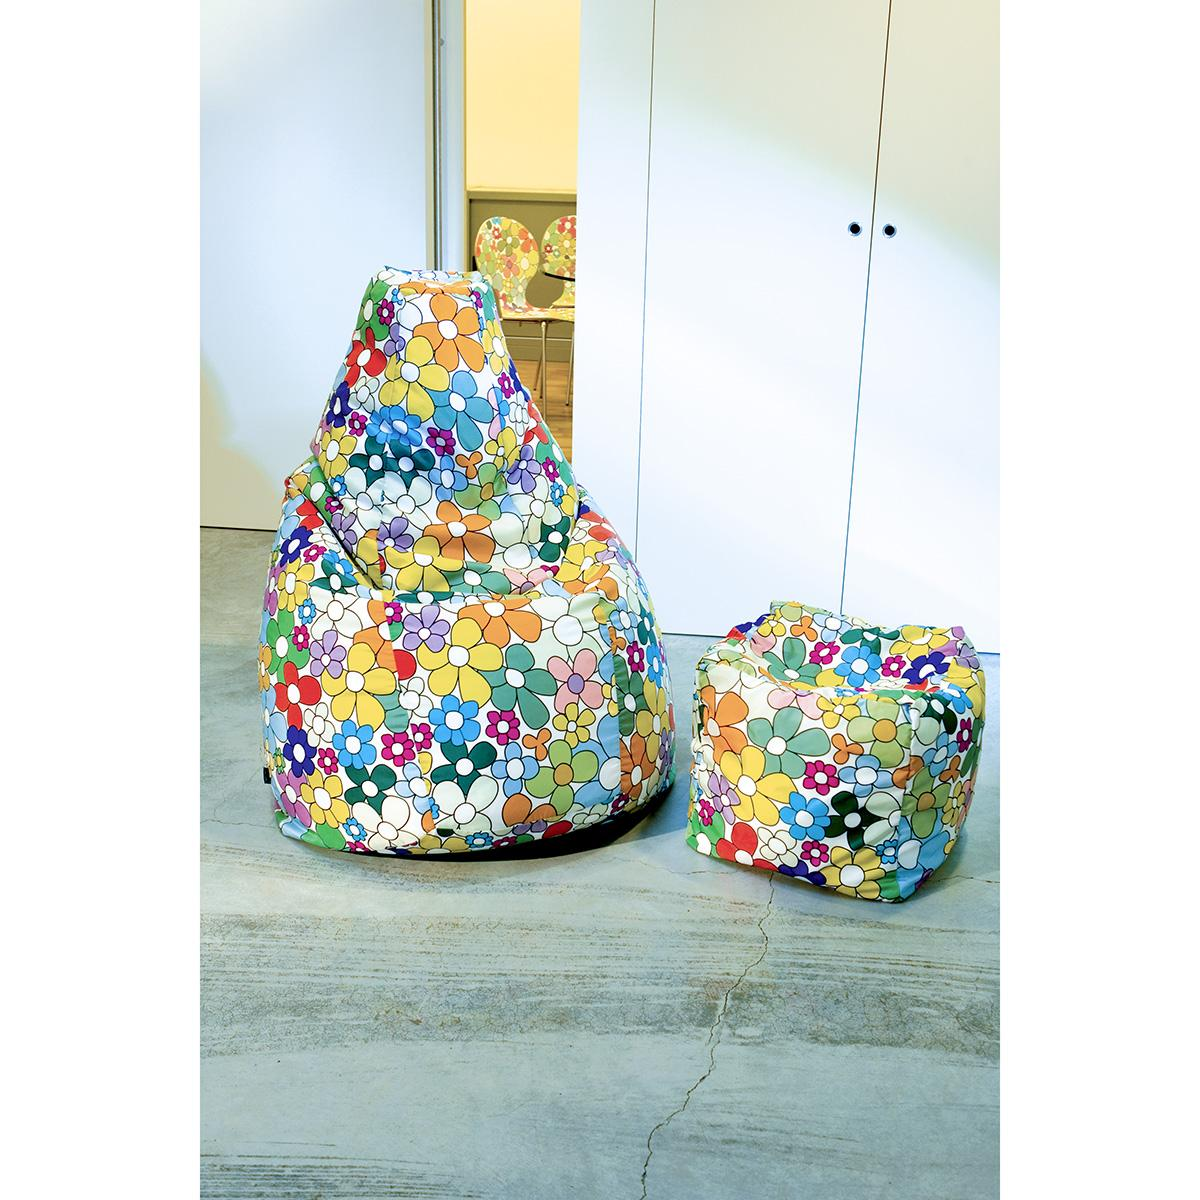 poltrona a sacco e pouf quadrato in coordinato con un tessuto a margherite colorate stilizzate